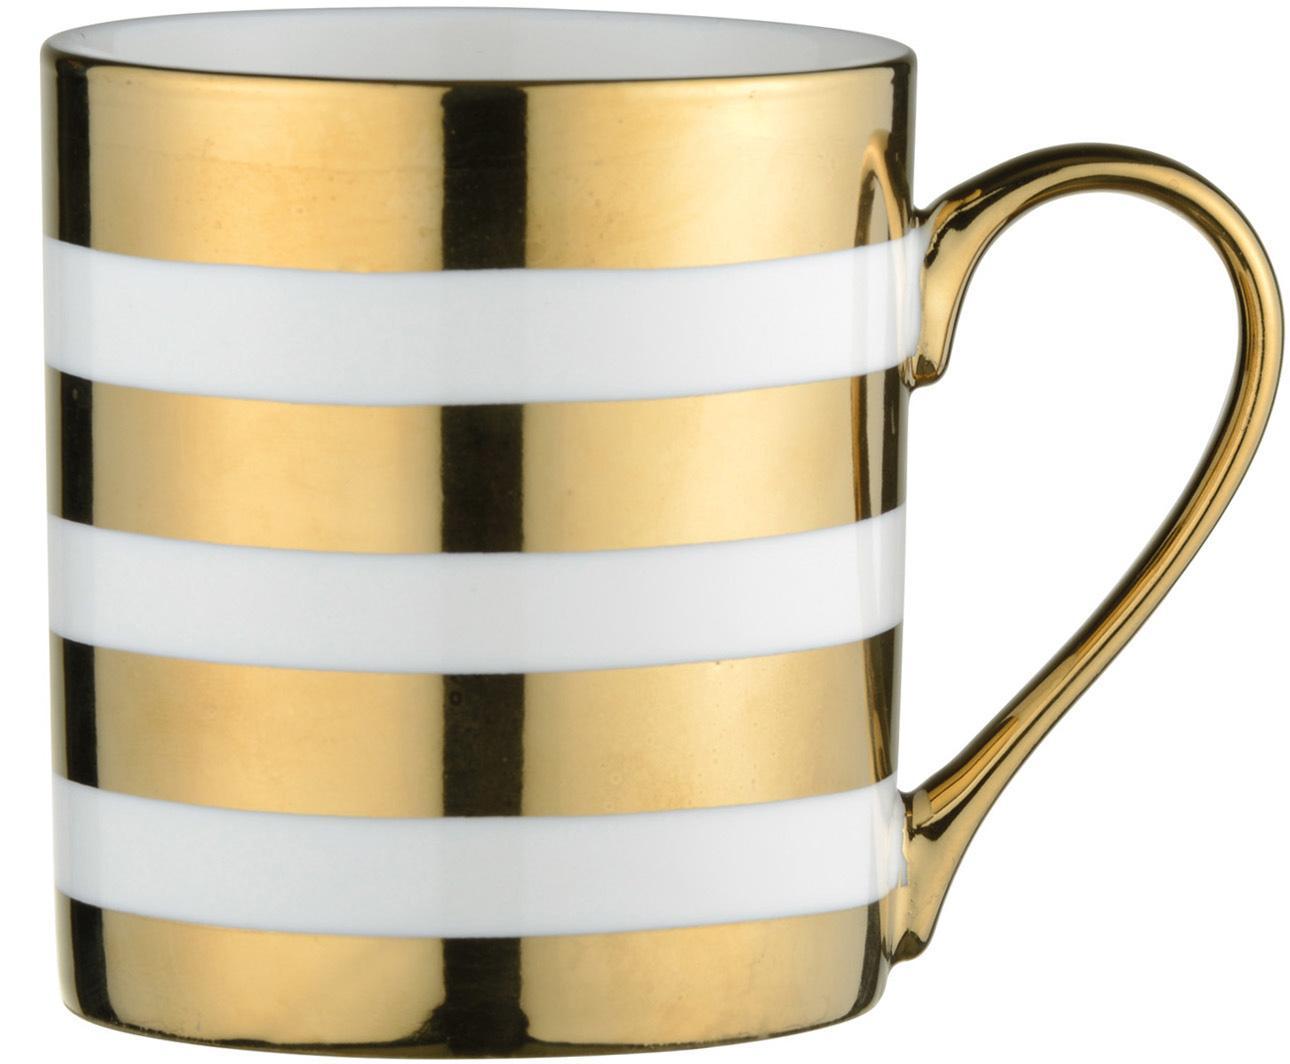 Tassen Stripes mit goldenem Dekor, 4 Stück, Porzellan, Weiss, Goldfarben, Ø 9 x H 10 cm